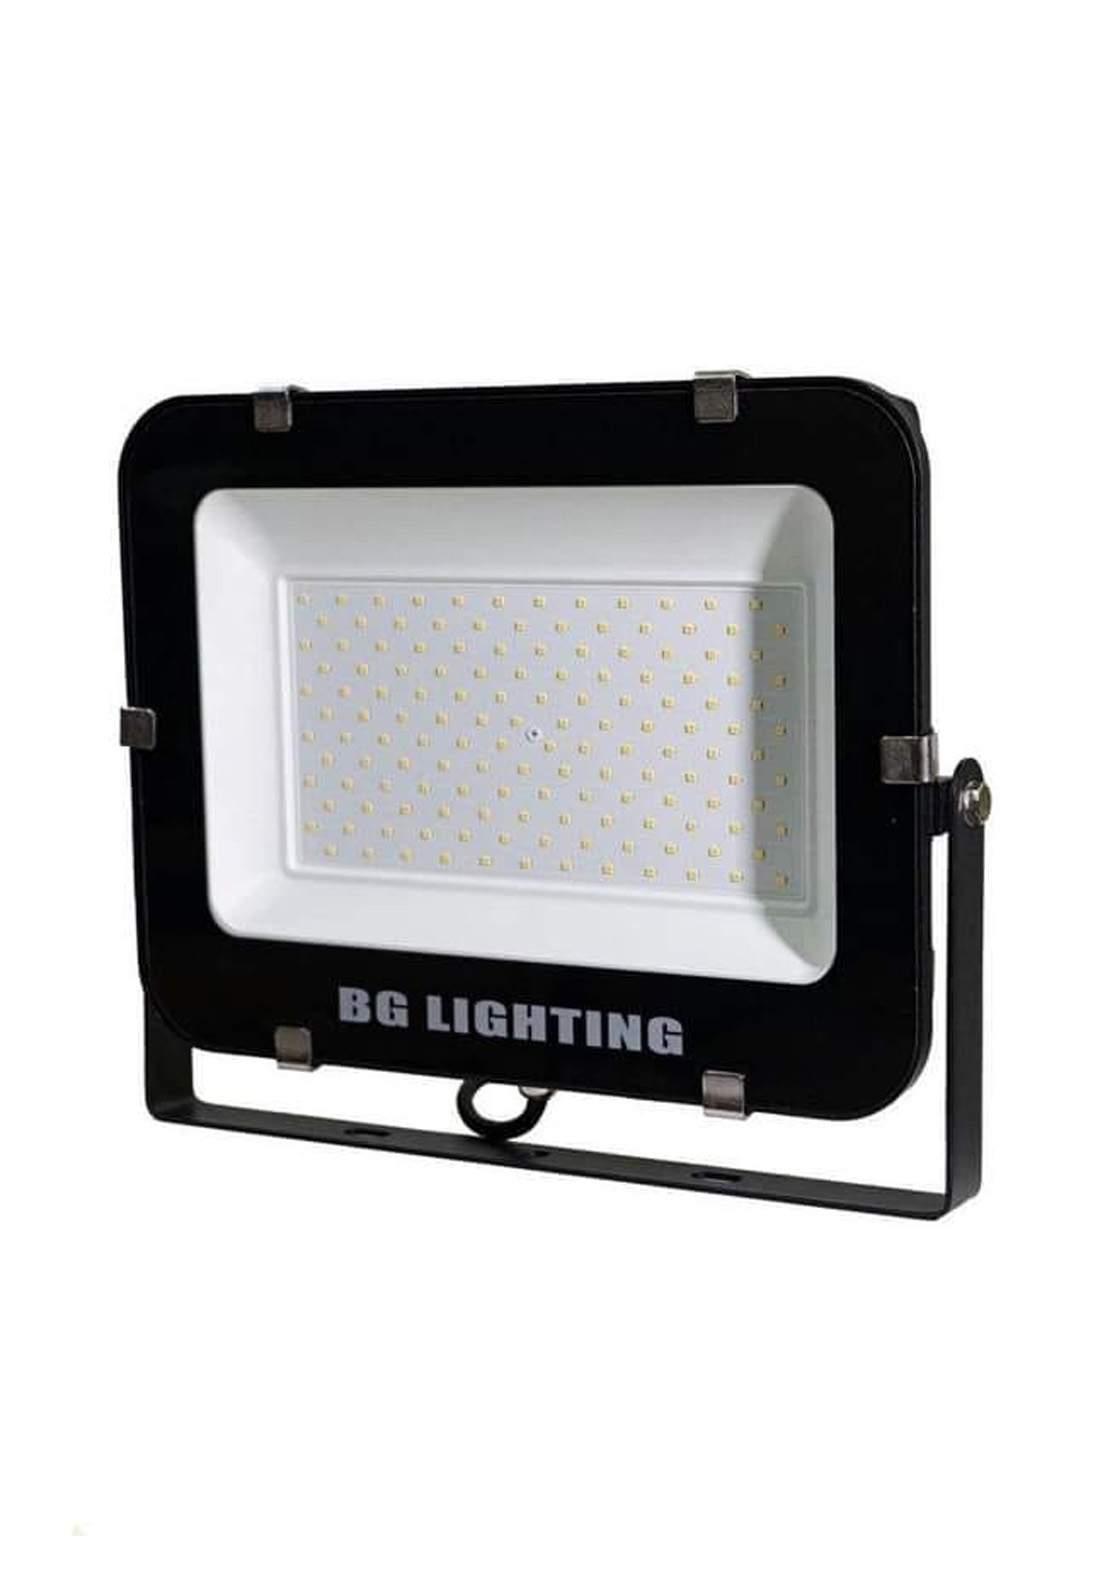 BG LED Floodlight 150 W بروجيكتر ليد